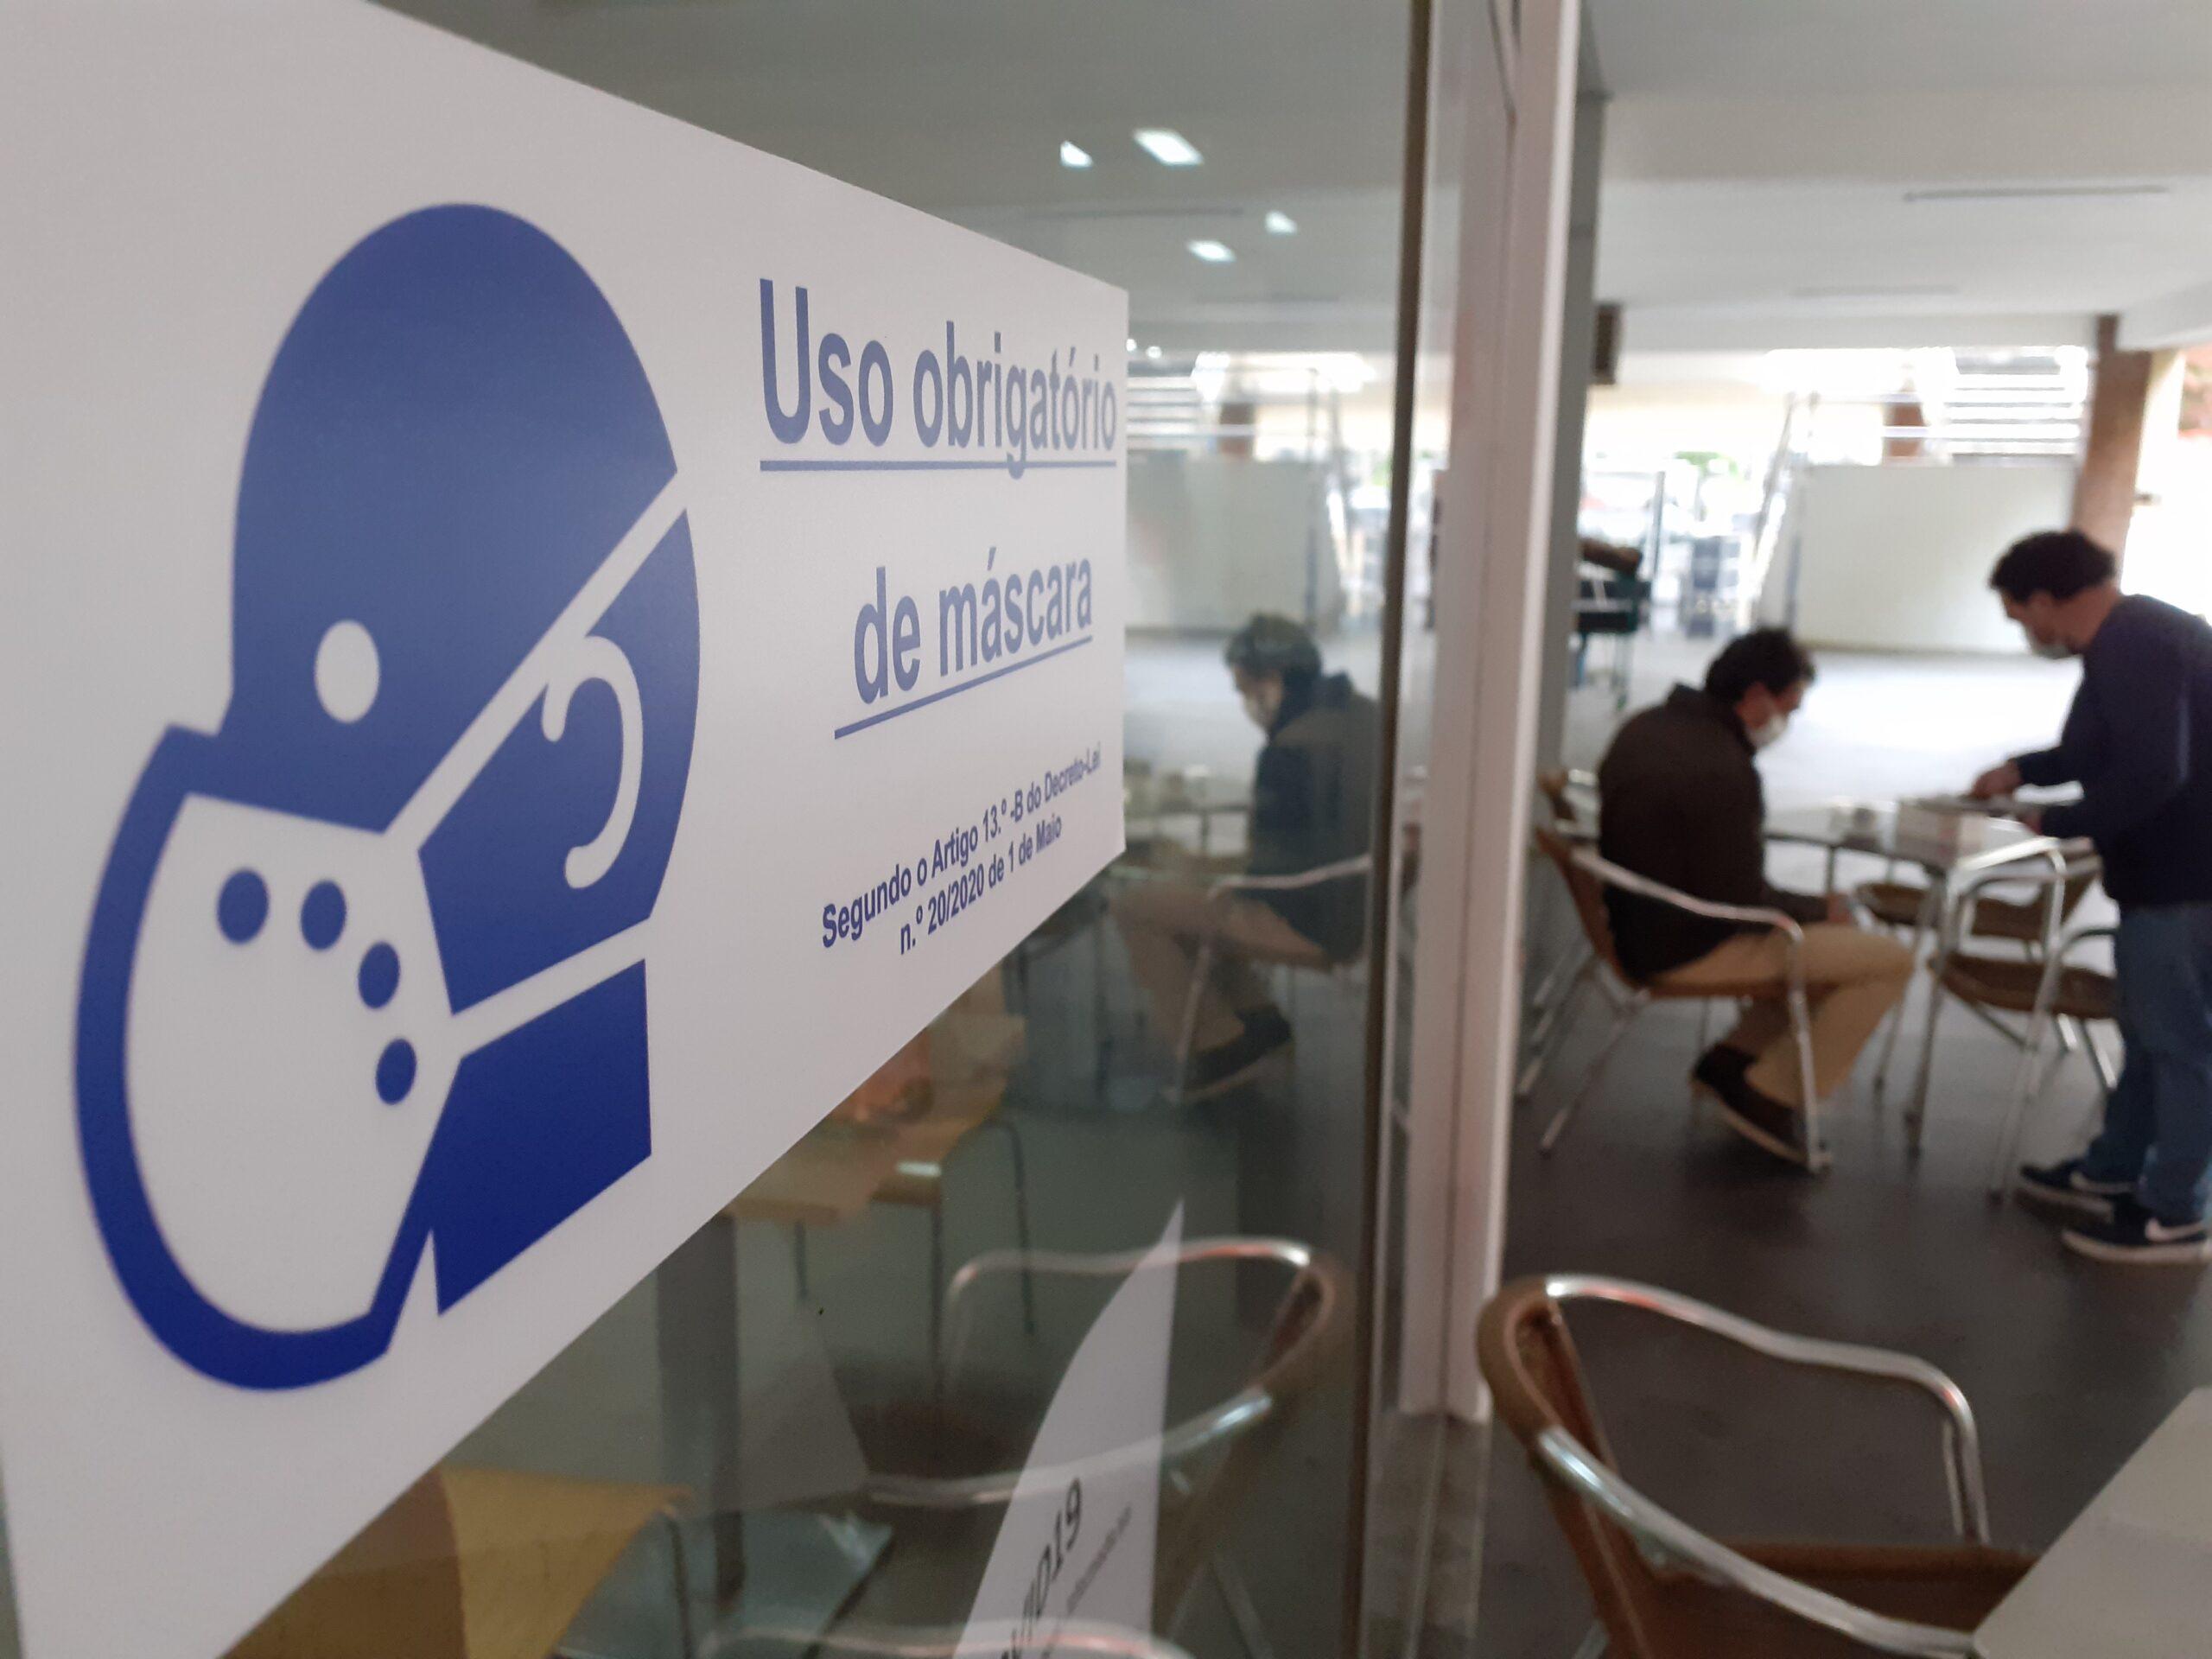 Braga ultrapassa 2.000 casos de covid-19 e Guimarães soma cerca de 400 numa semana. Minho conta com mais de 9.200 doentes